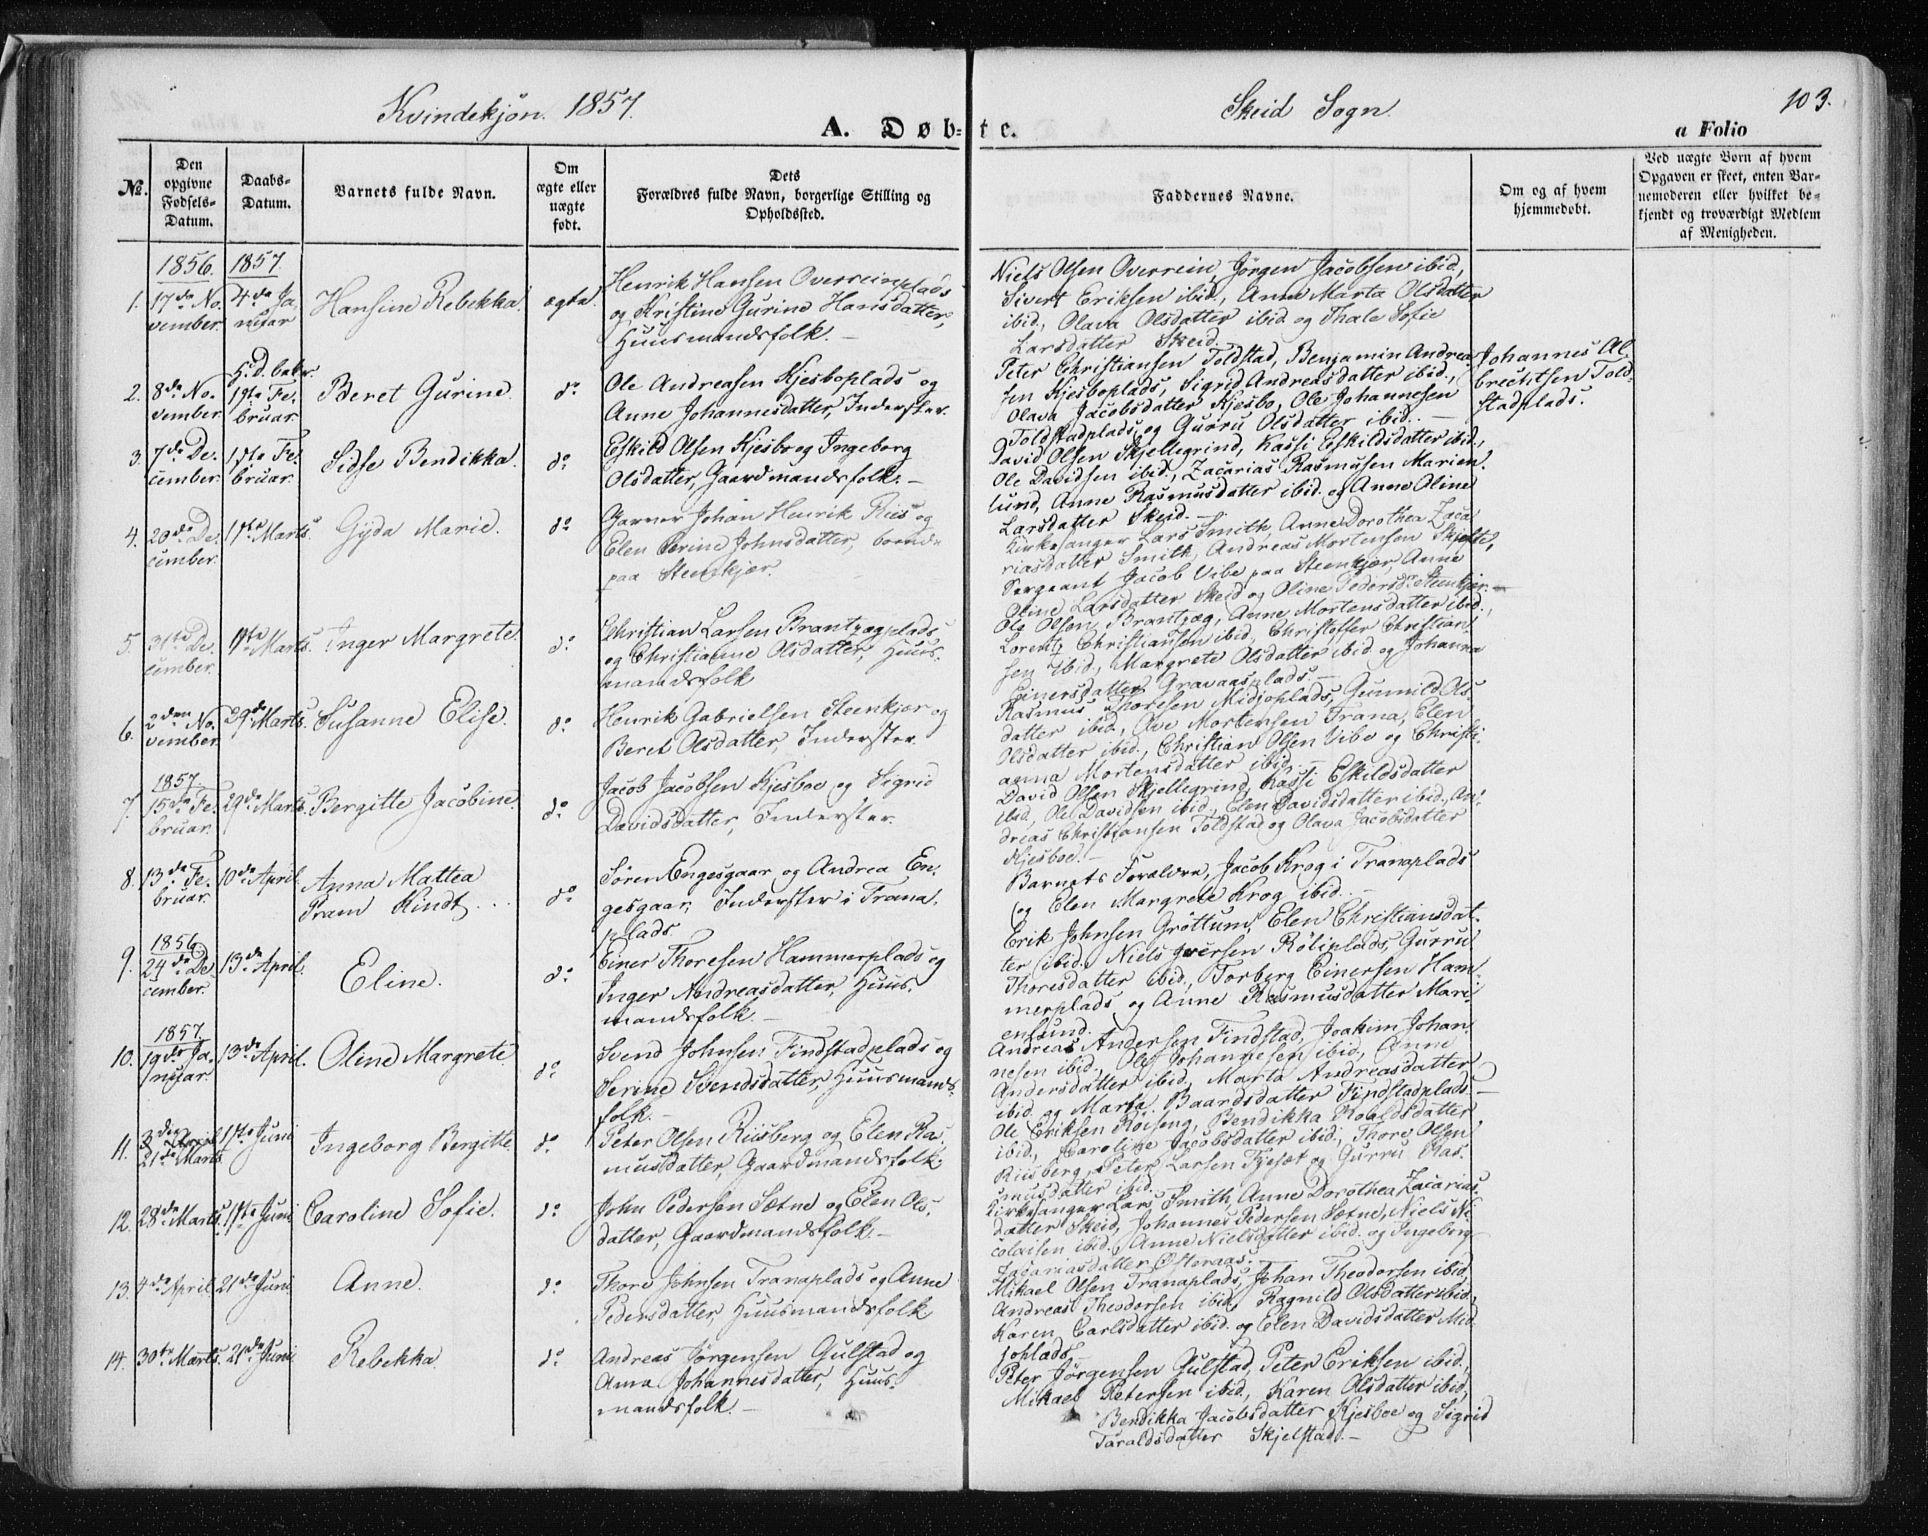 SAT, Ministerialprotokoller, klokkerbøker og fødselsregistre - Nord-Trøndelag, 735/L0342: Ministerialbok nr. 735A07 /2, 1849-1862, s. 103